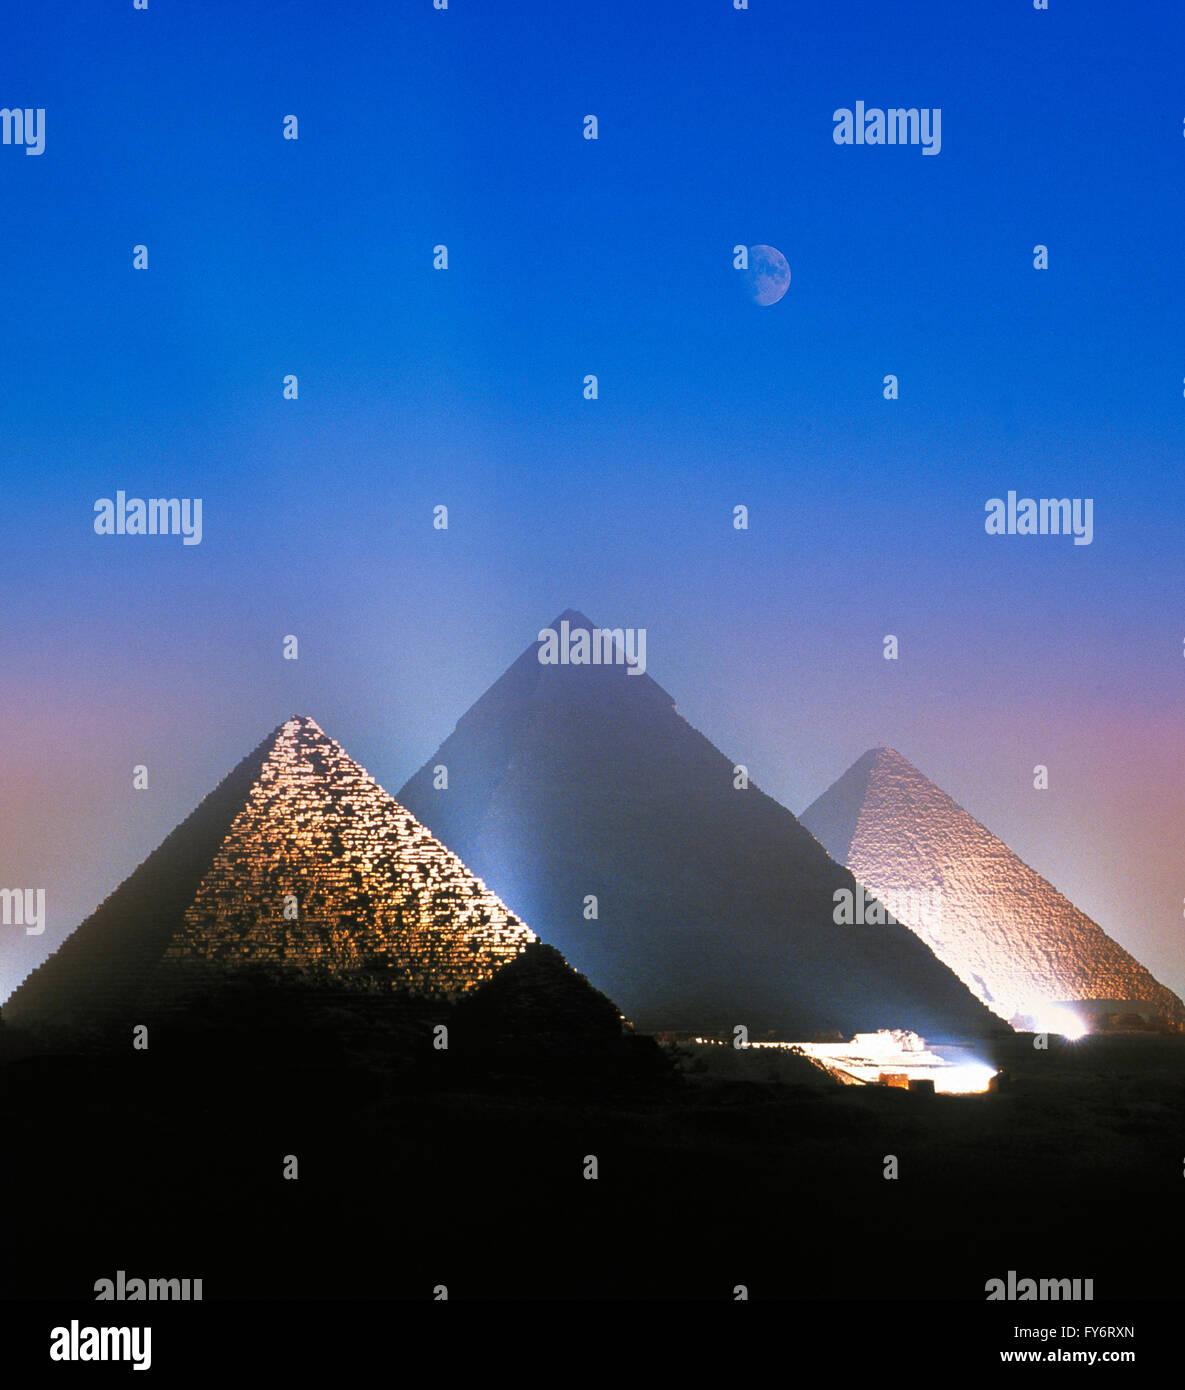 Au cours de la lune allumé pyramides de Gizeh, Le Caire, Egypte Photo Stock